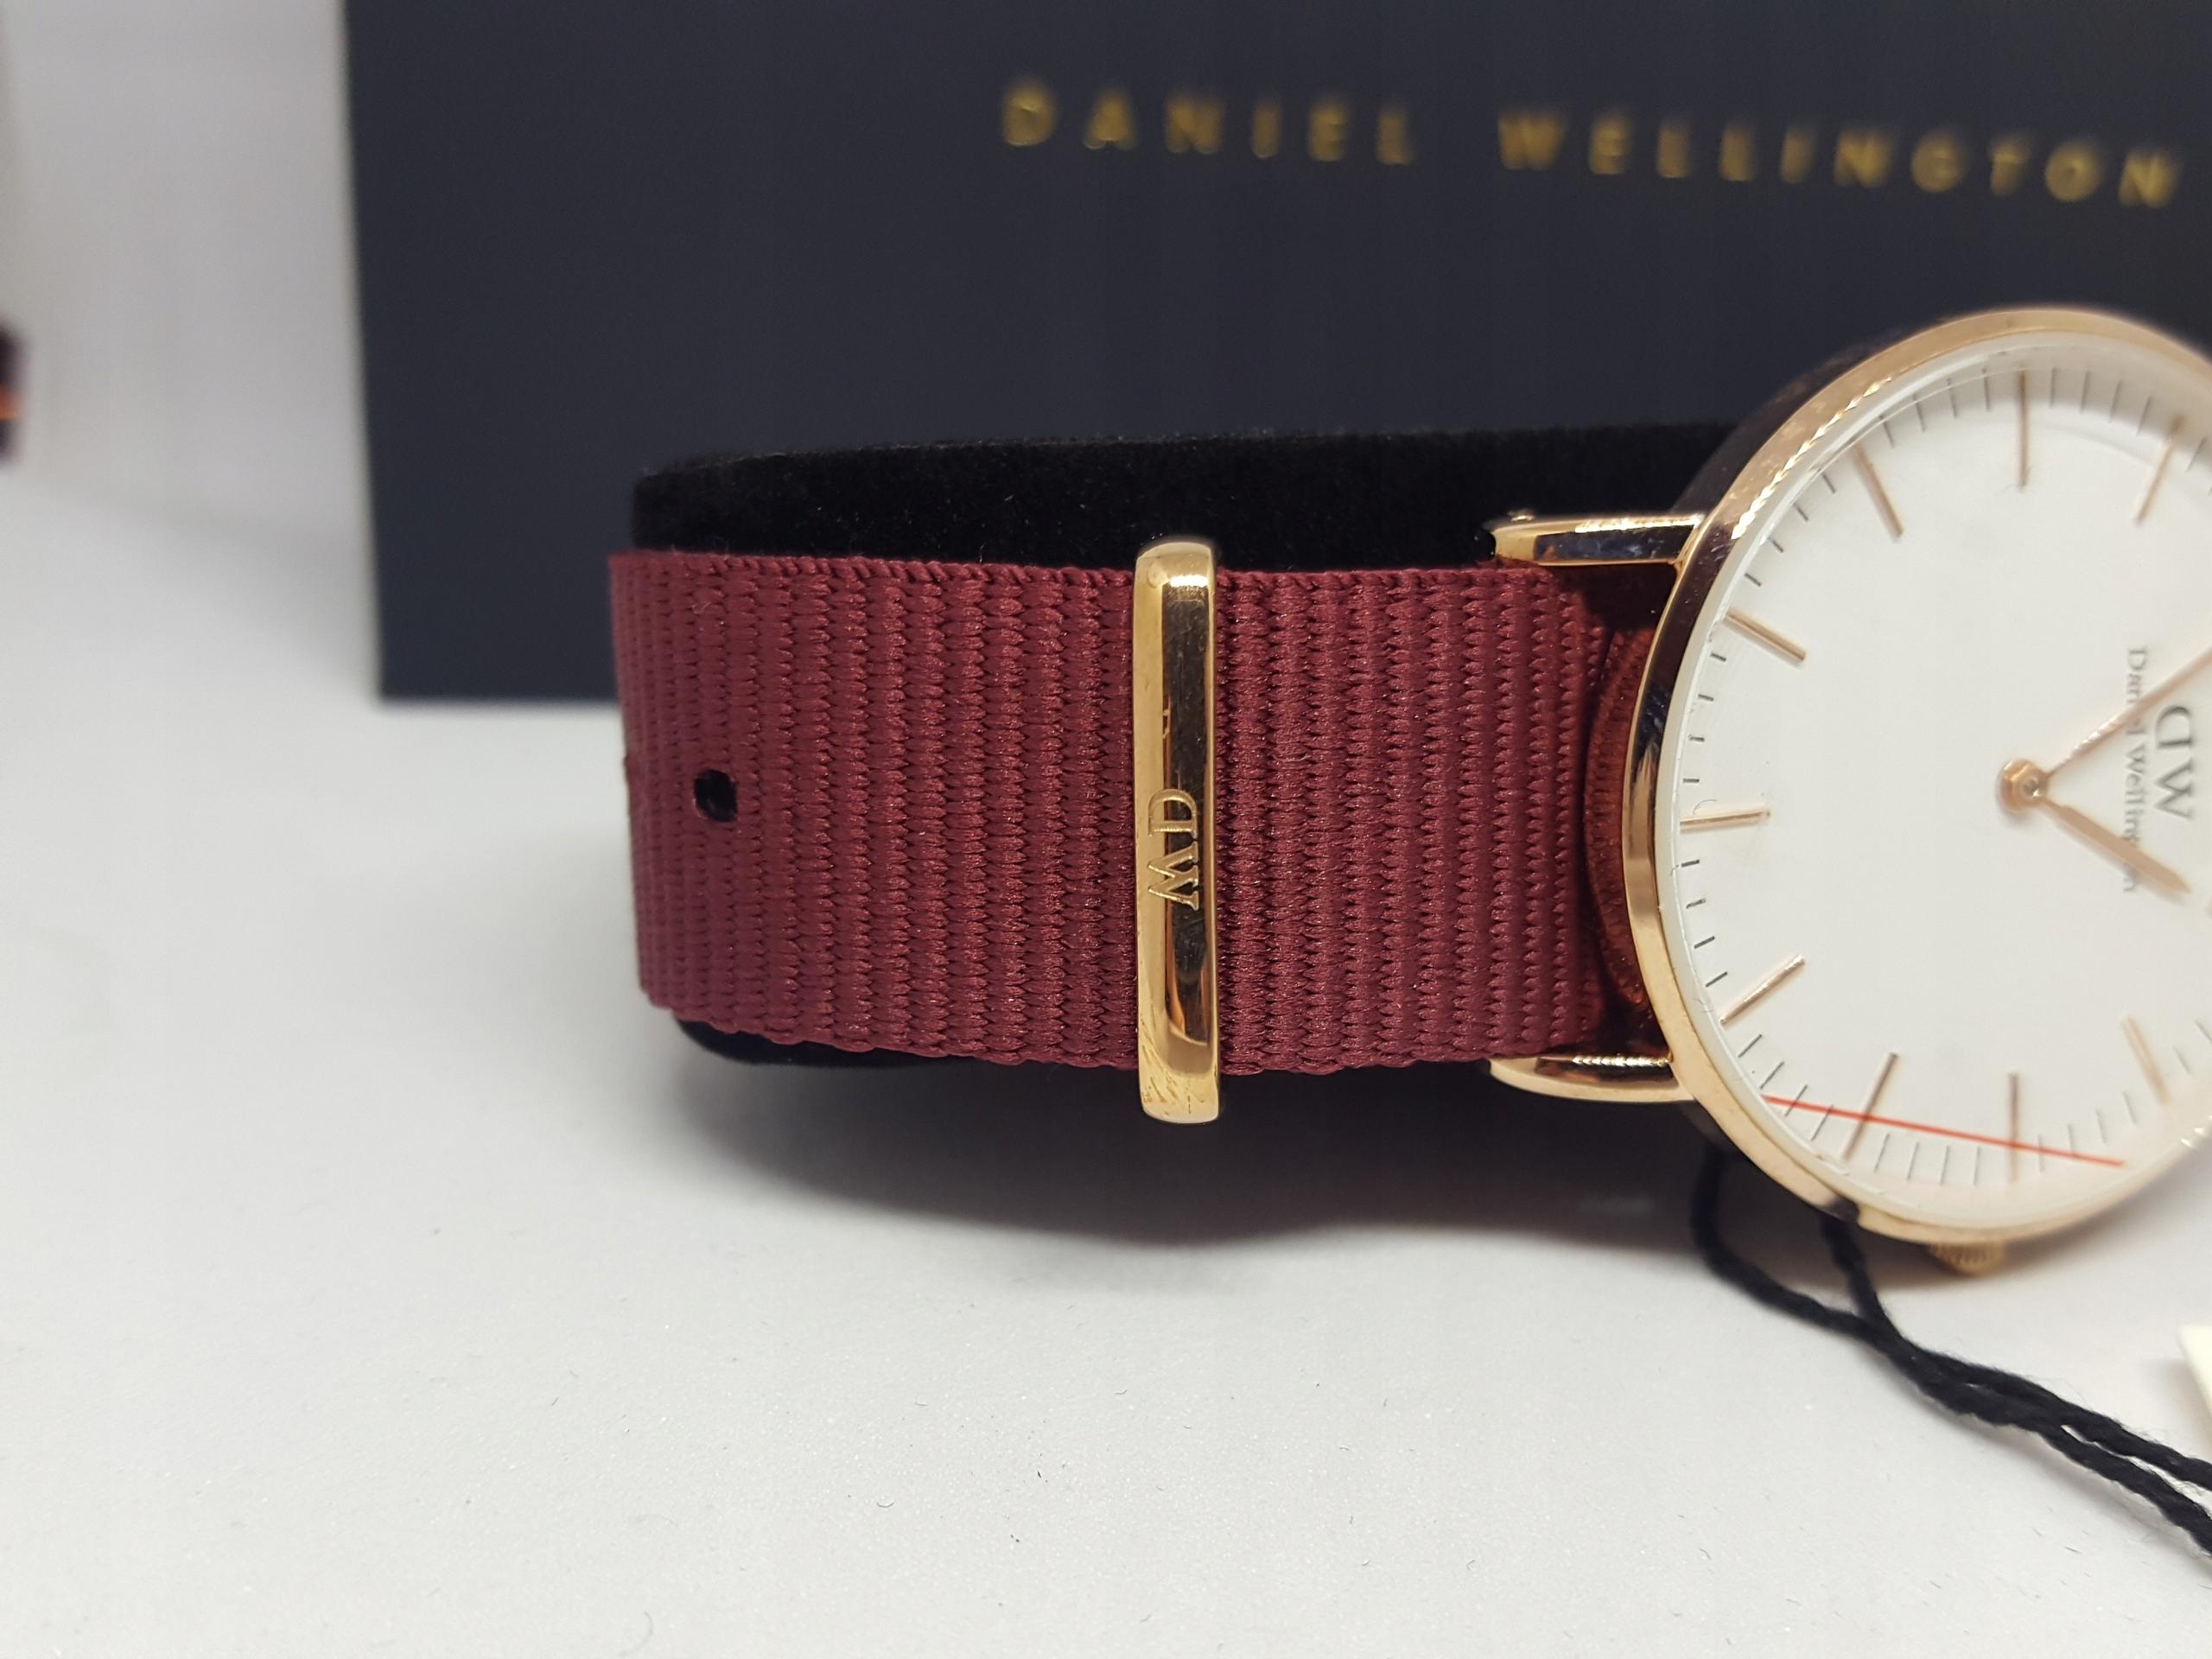 62c1a27610b7 Zegarek Daniel Wellington Roselyn 36mm Nowy - 7670342792 - oficjalne ...